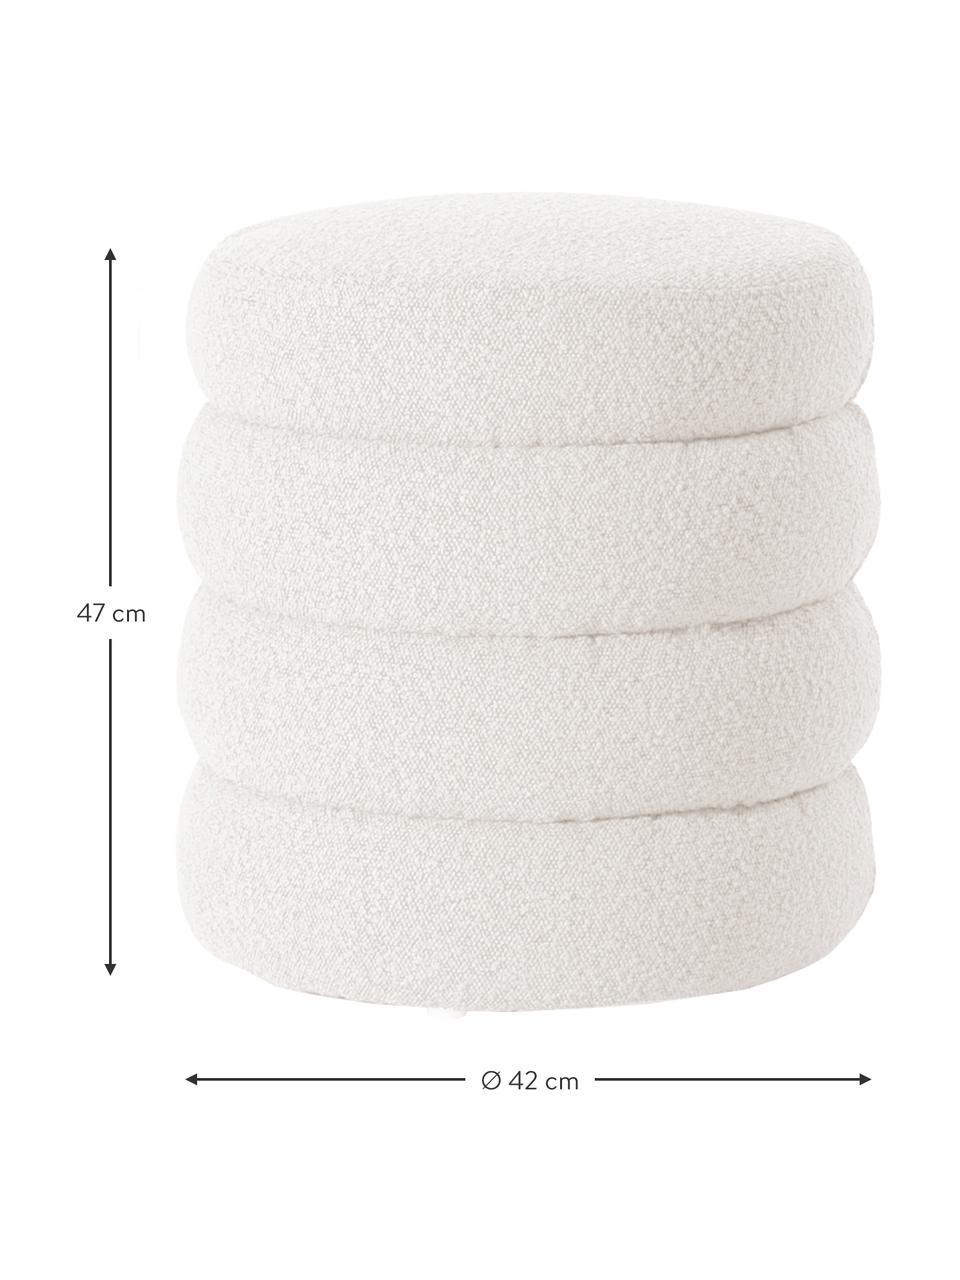 Sgabello in tessuto bouclé bianco crema Alto, Rivestimento: 100% poliestere (pellicci, Struttura: legno di pino massiccio, , Bouclé bianco crema, Ø 42 x Alt. 47 cm